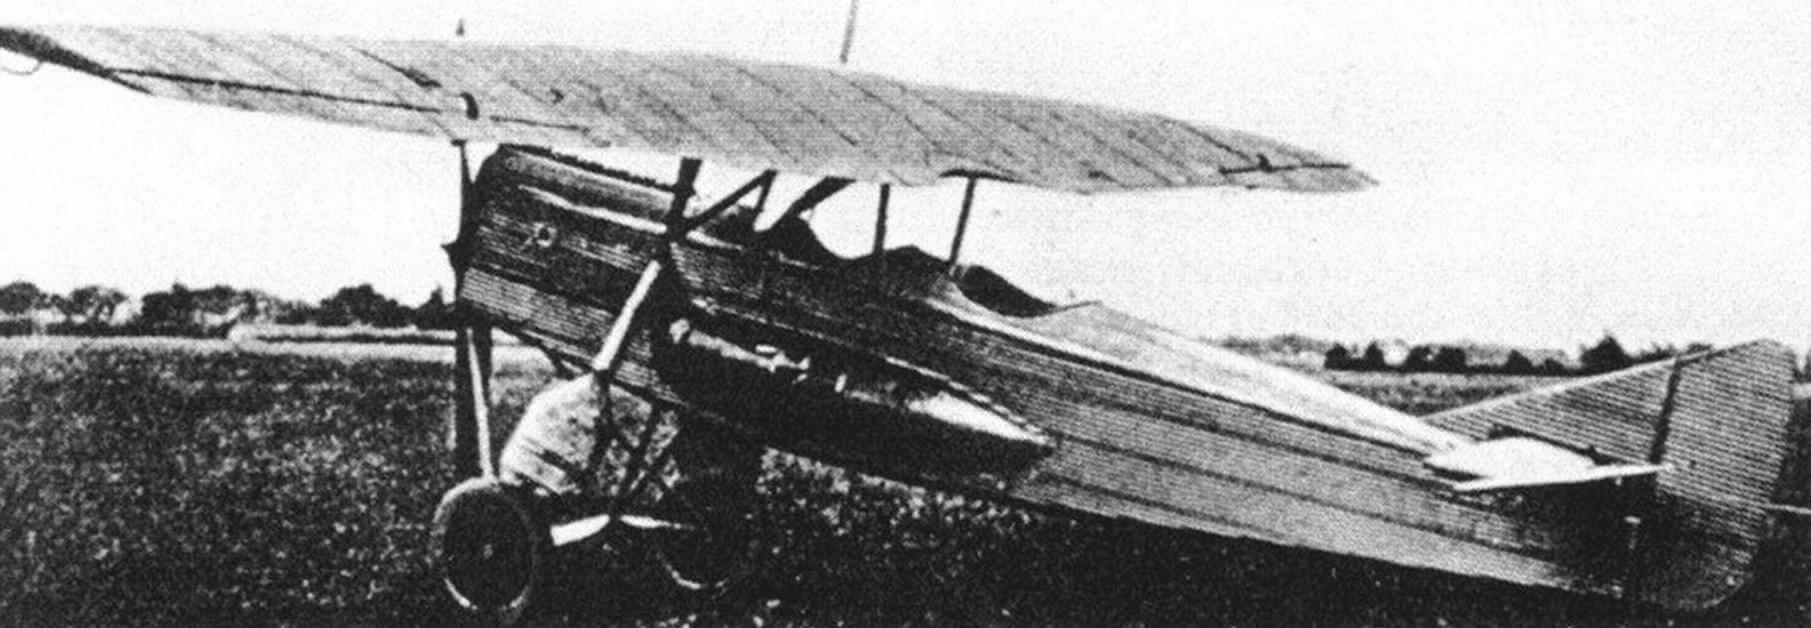 Опытный самолет Юнкерс Т21; вооружение на нем полностью отсутствует